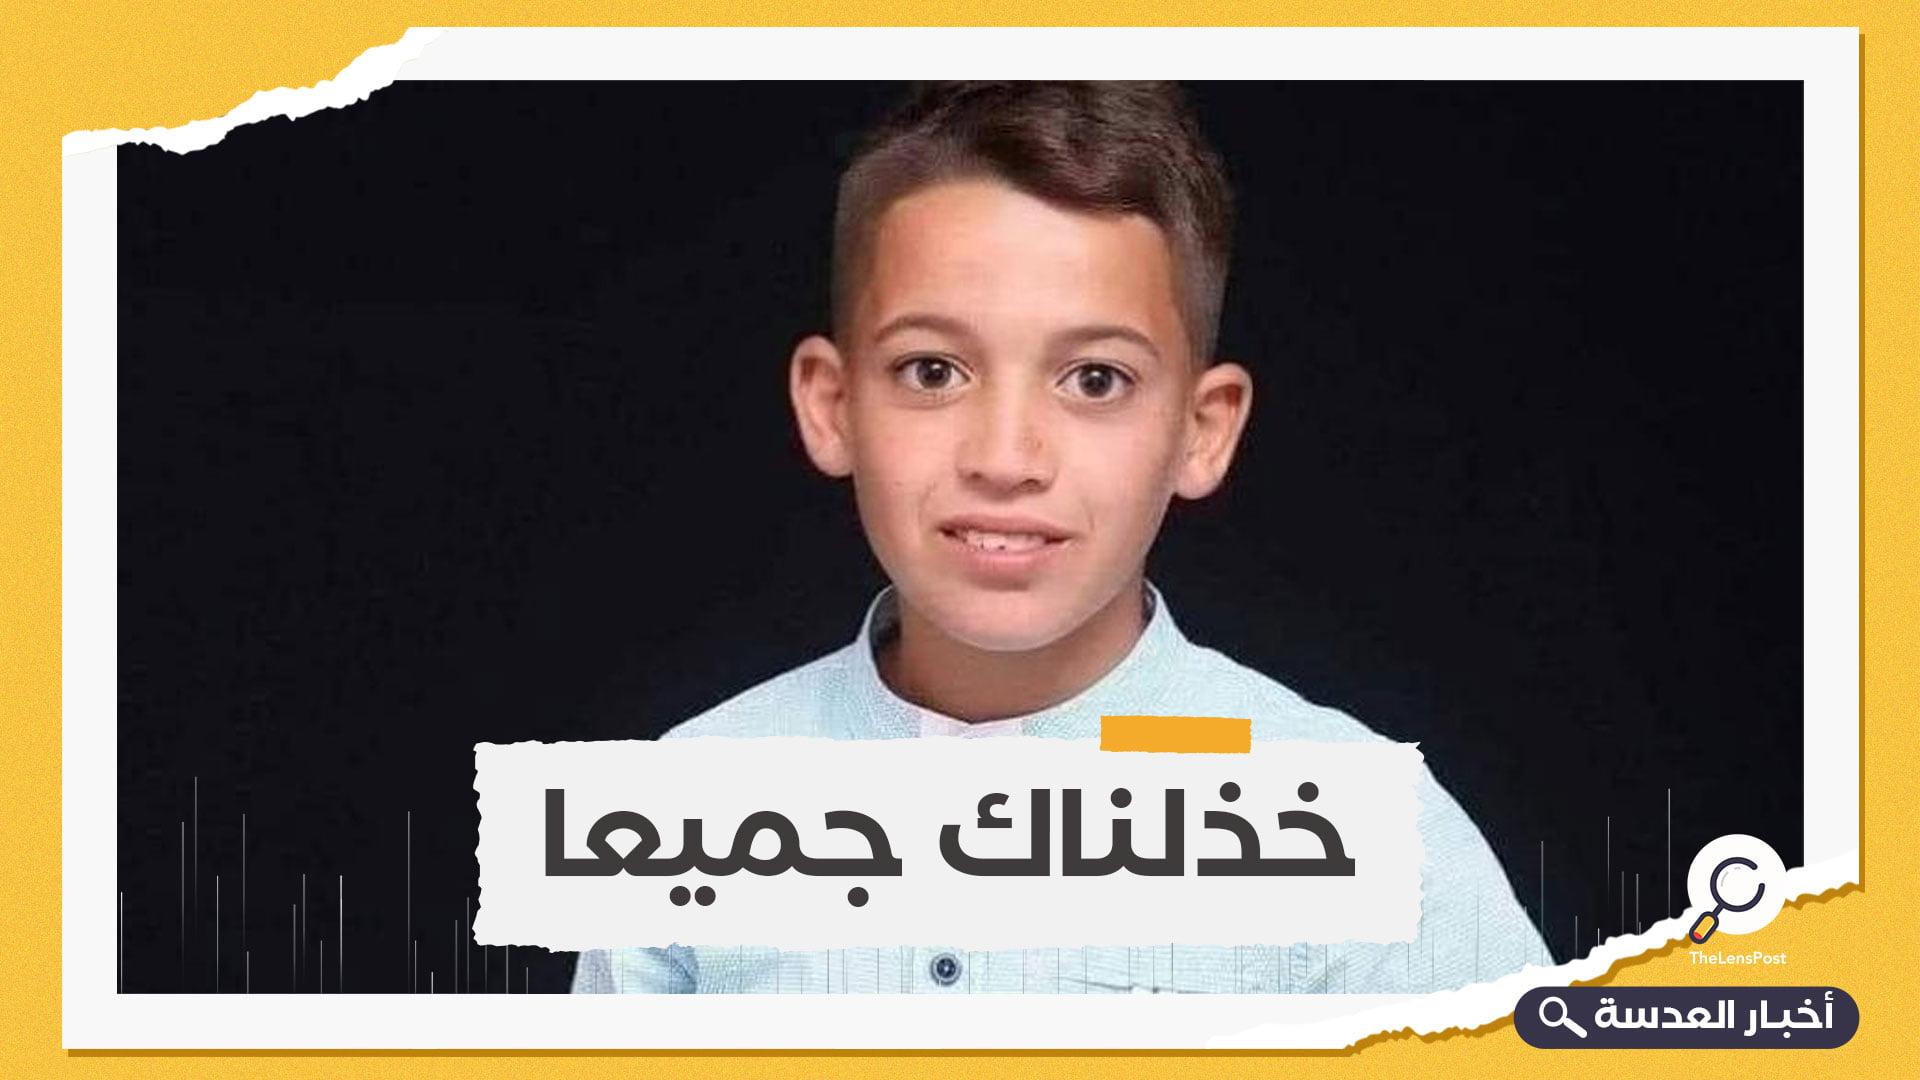 استشهد برصاص الاحتلال.. هيومن رايتس ووتش: الله يرحمك يا علي خذلناك جميعا